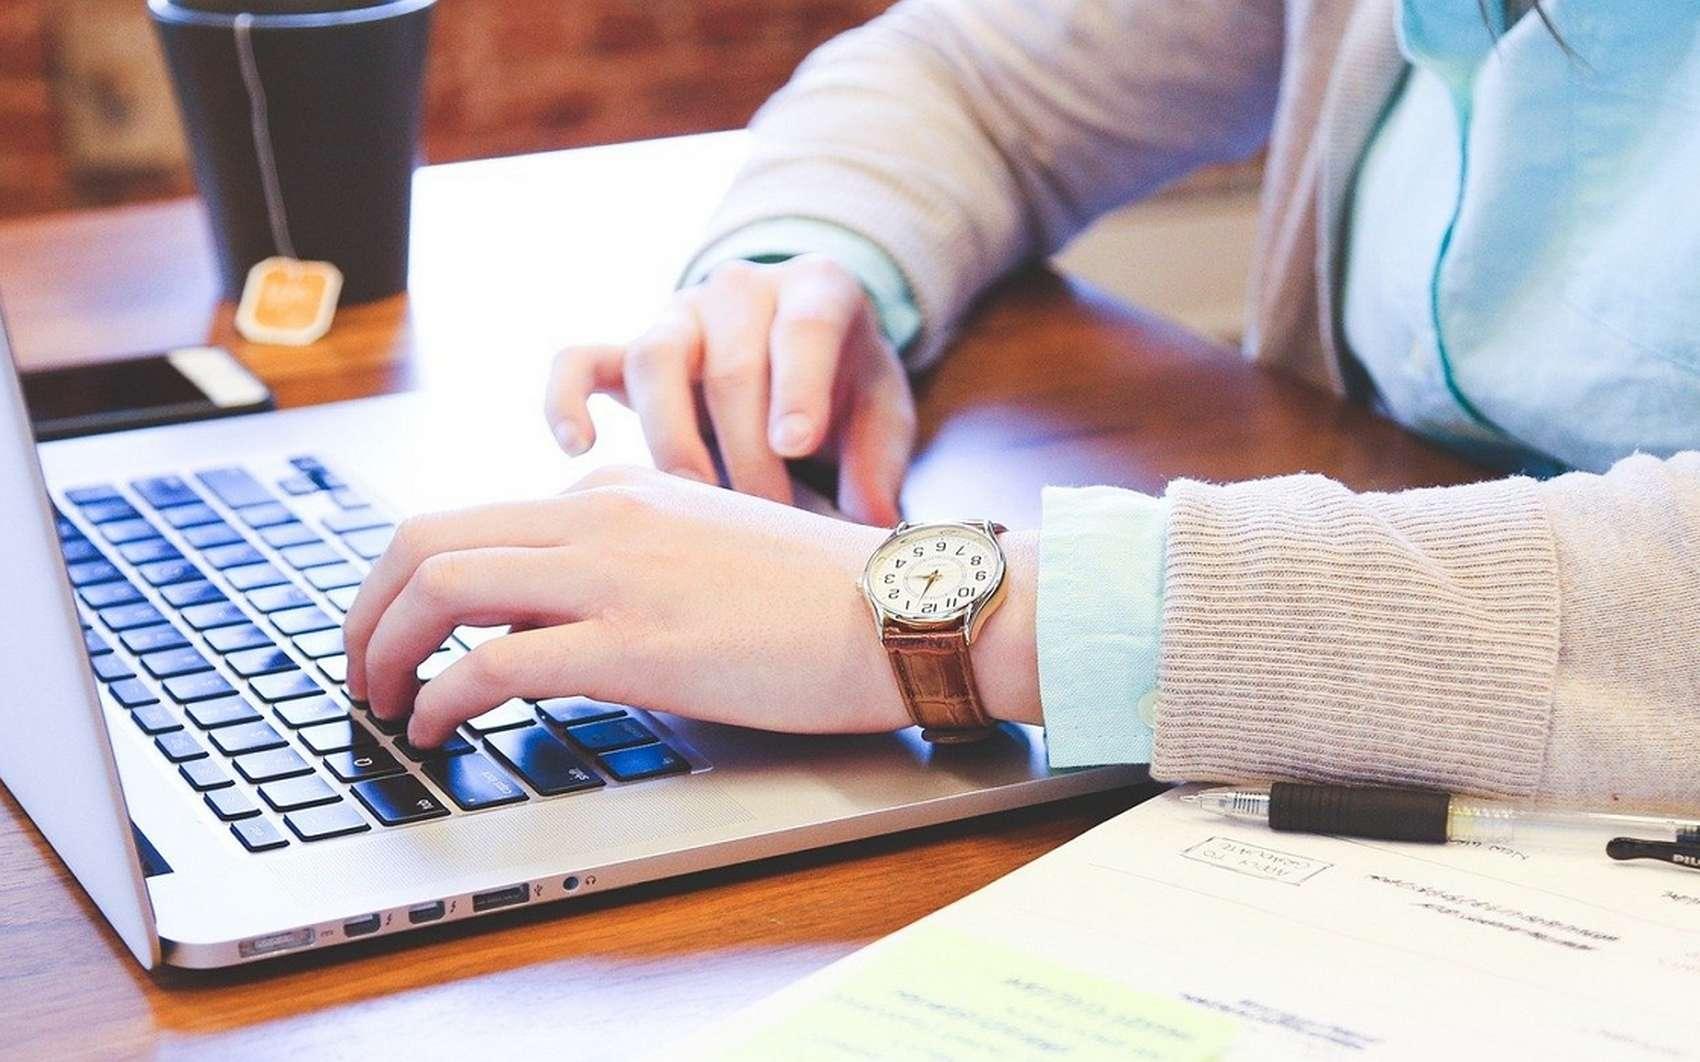 École informatique : quelle formation choisir ? © stevepb, Pixabay